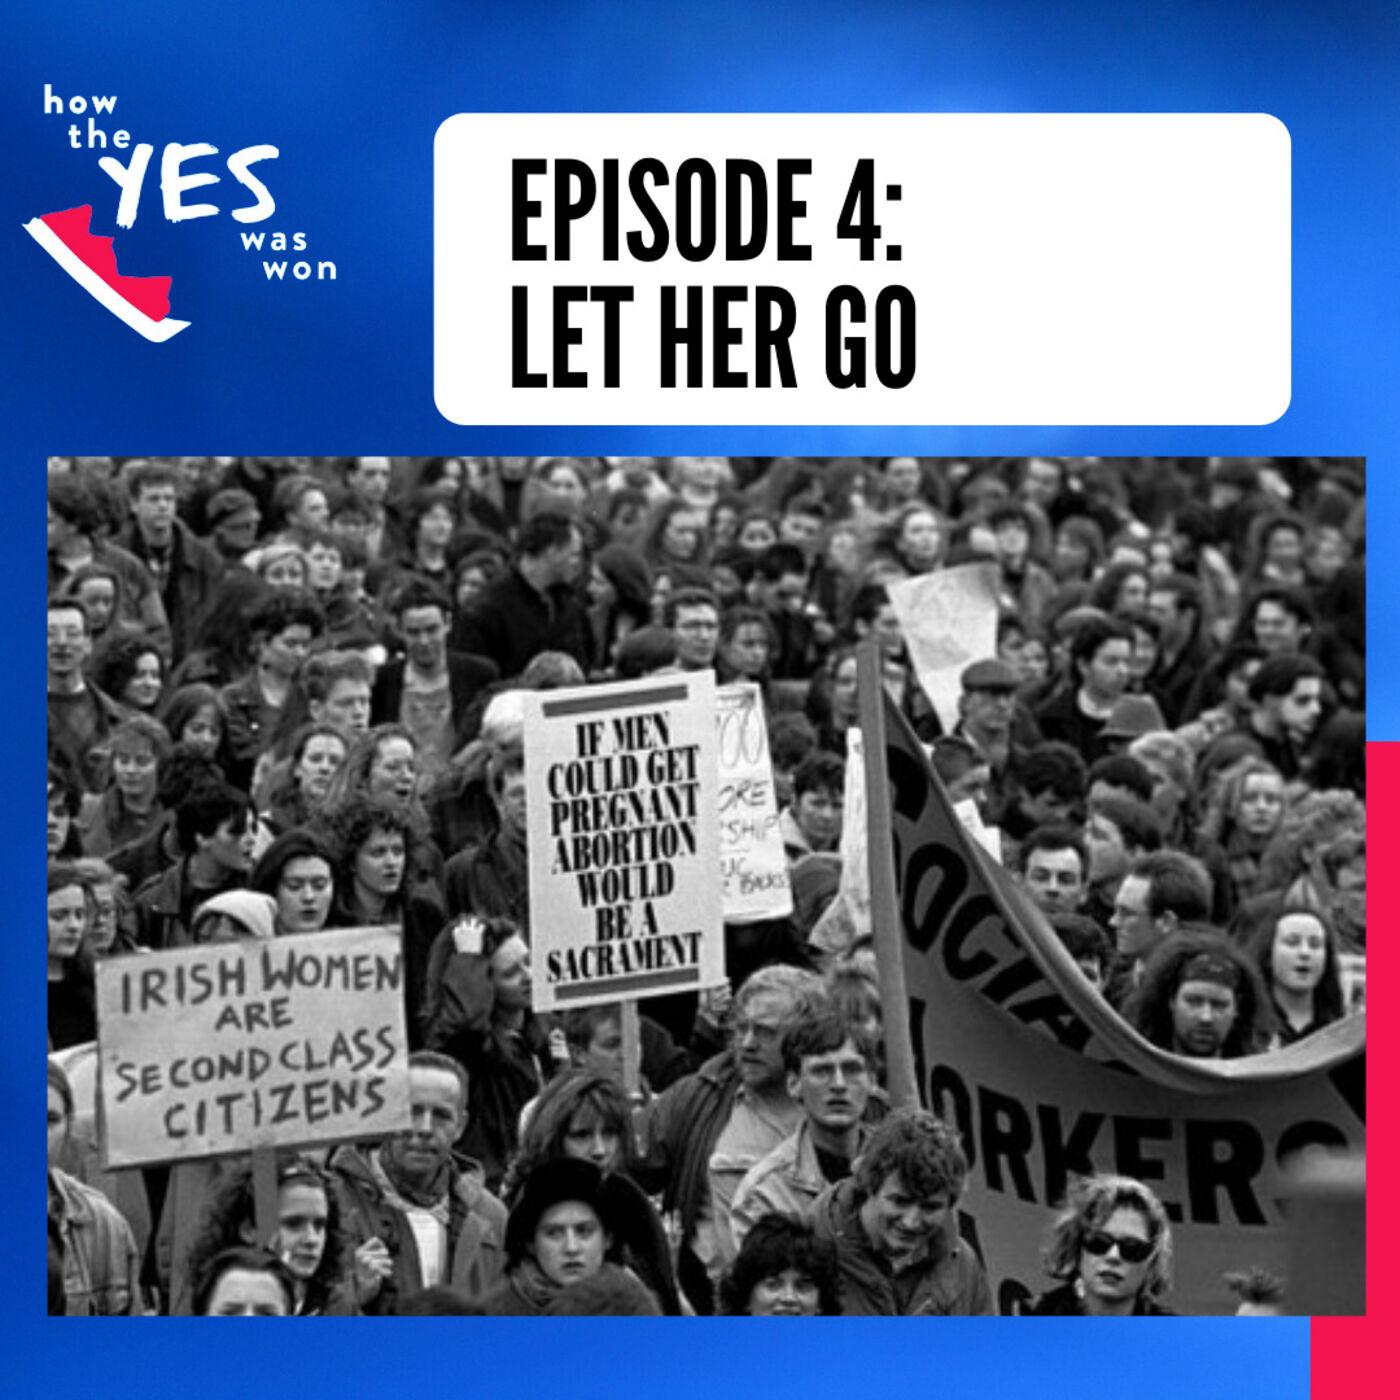 Episode 4: Let Her Go